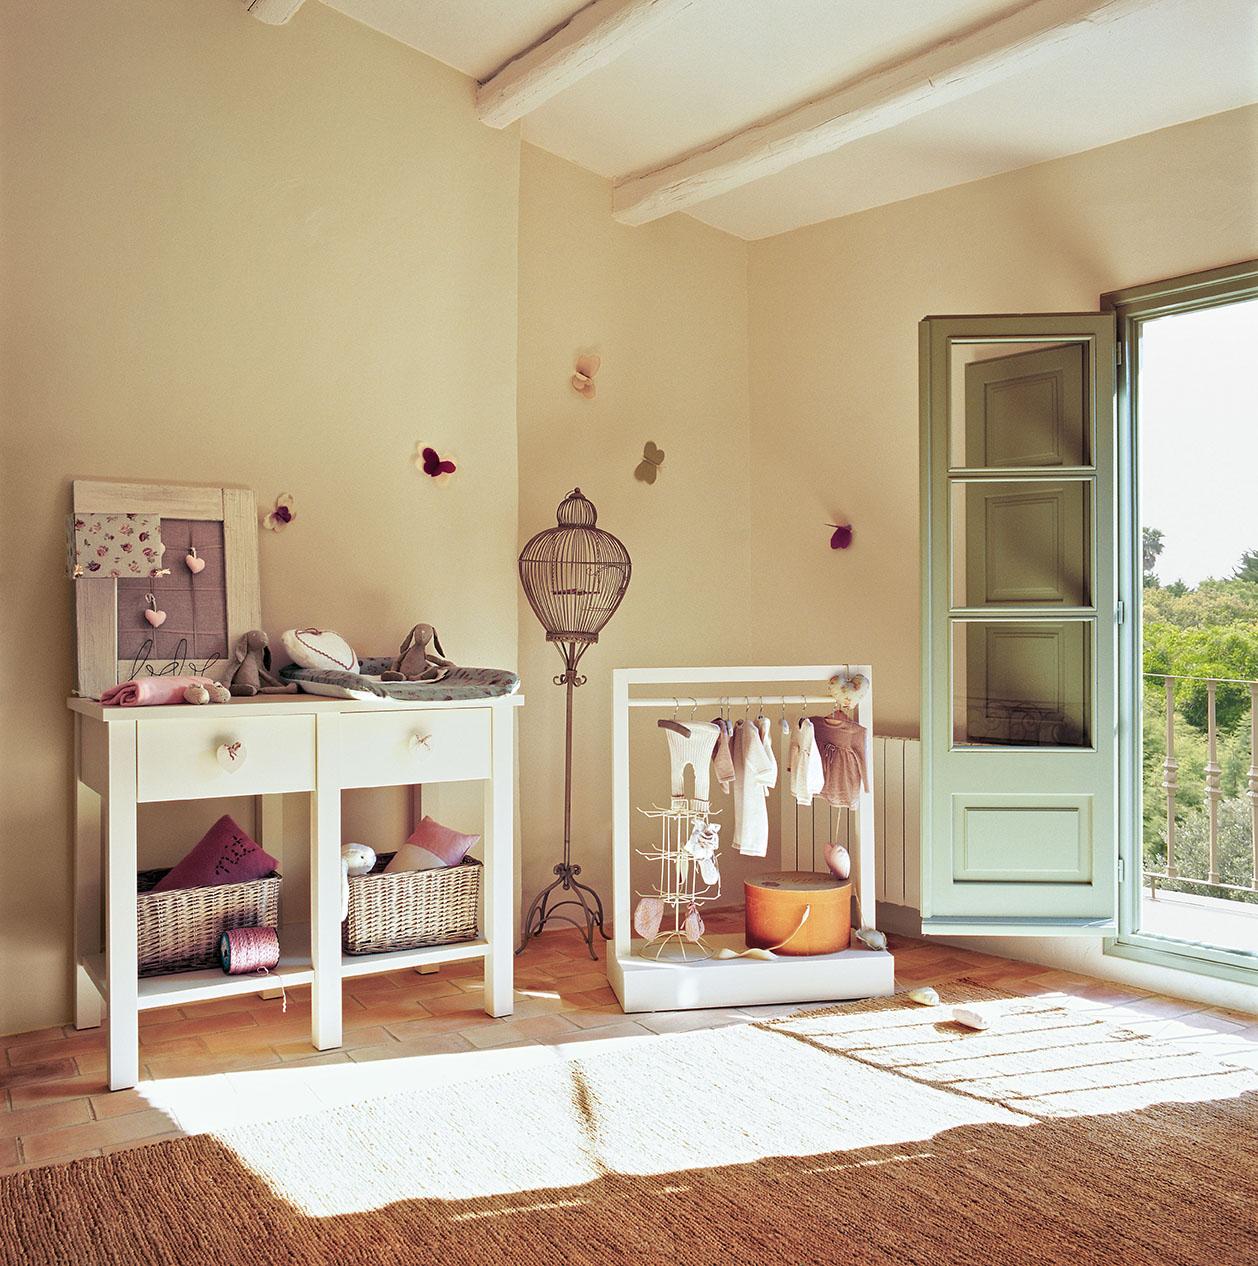 Restaurada con maestr a y delicadeza for Bona nit muebles